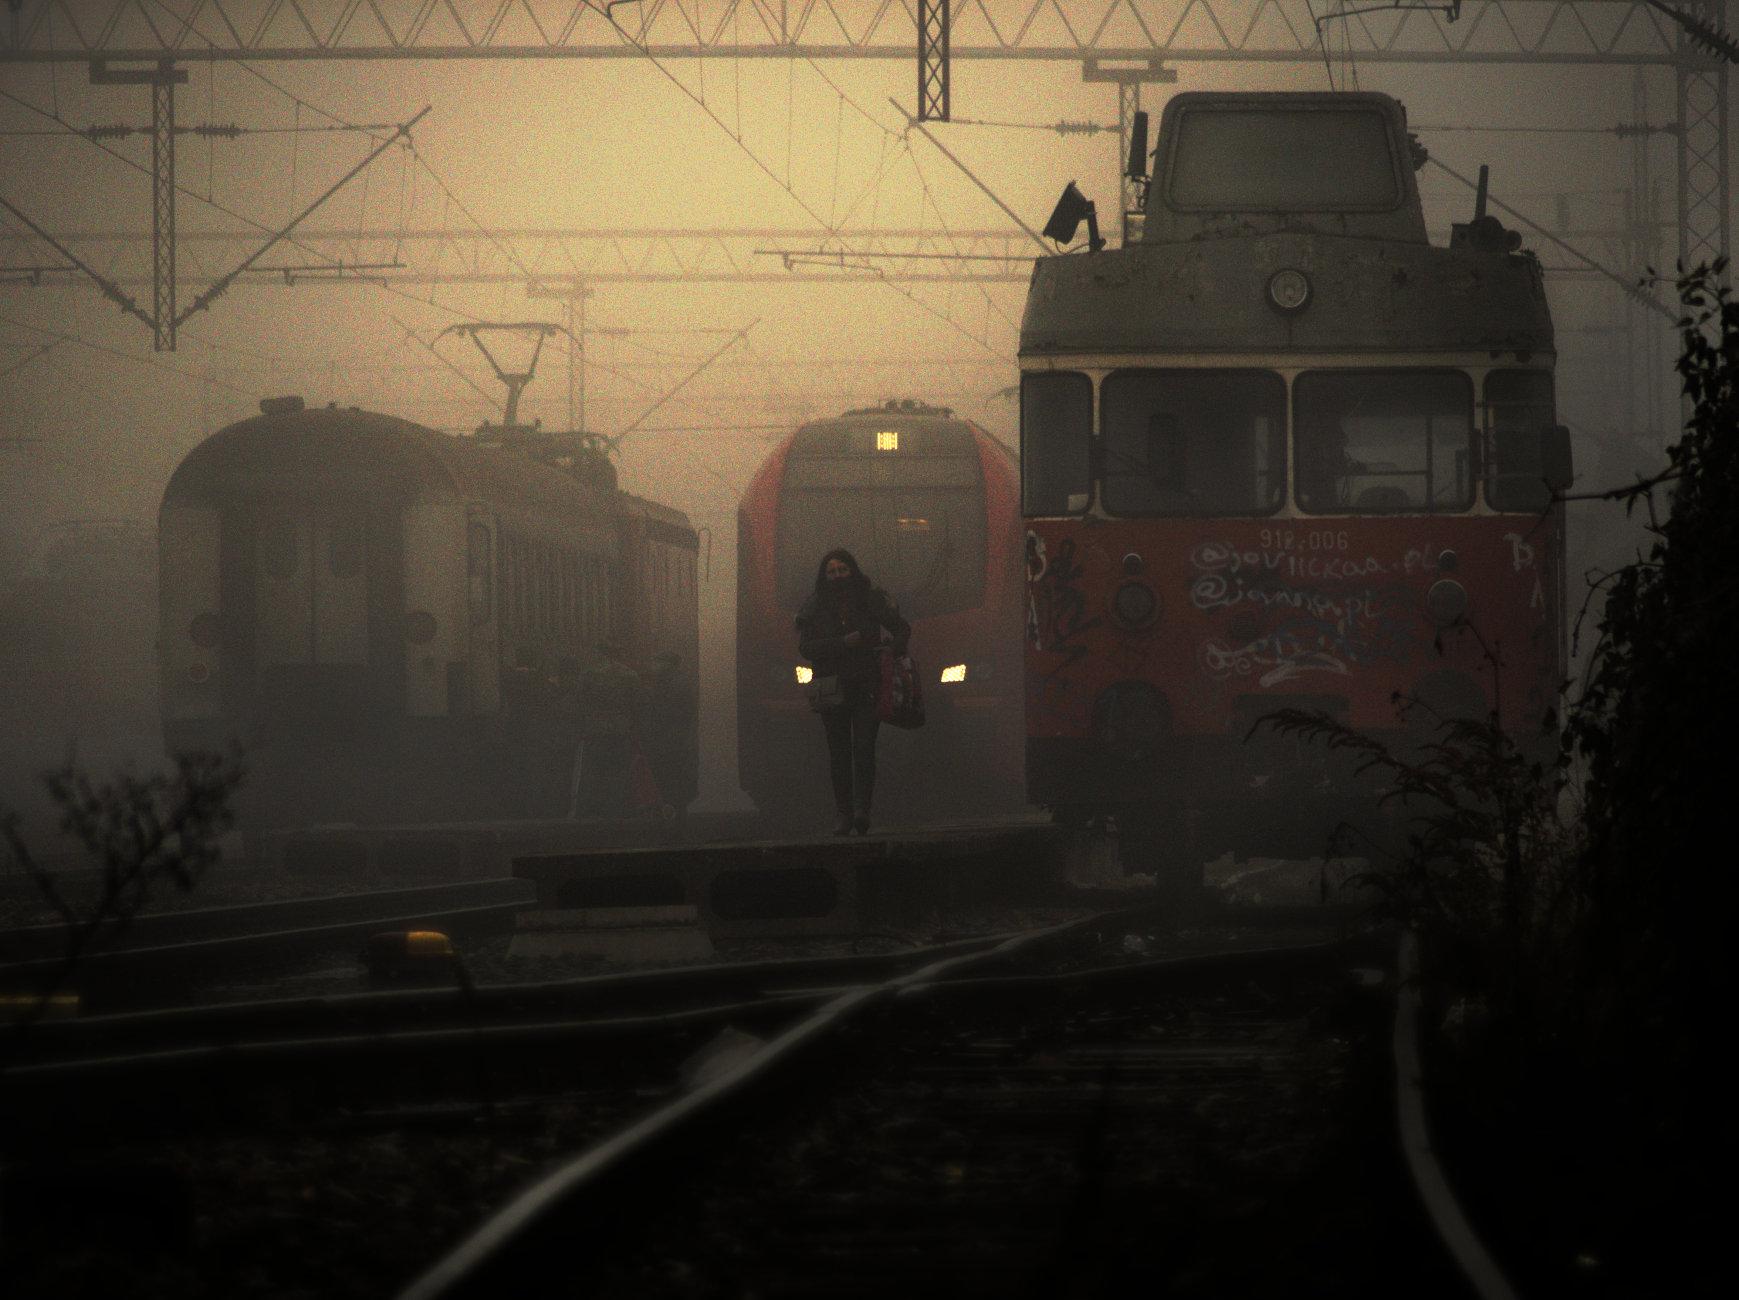 About the railway - XXIII